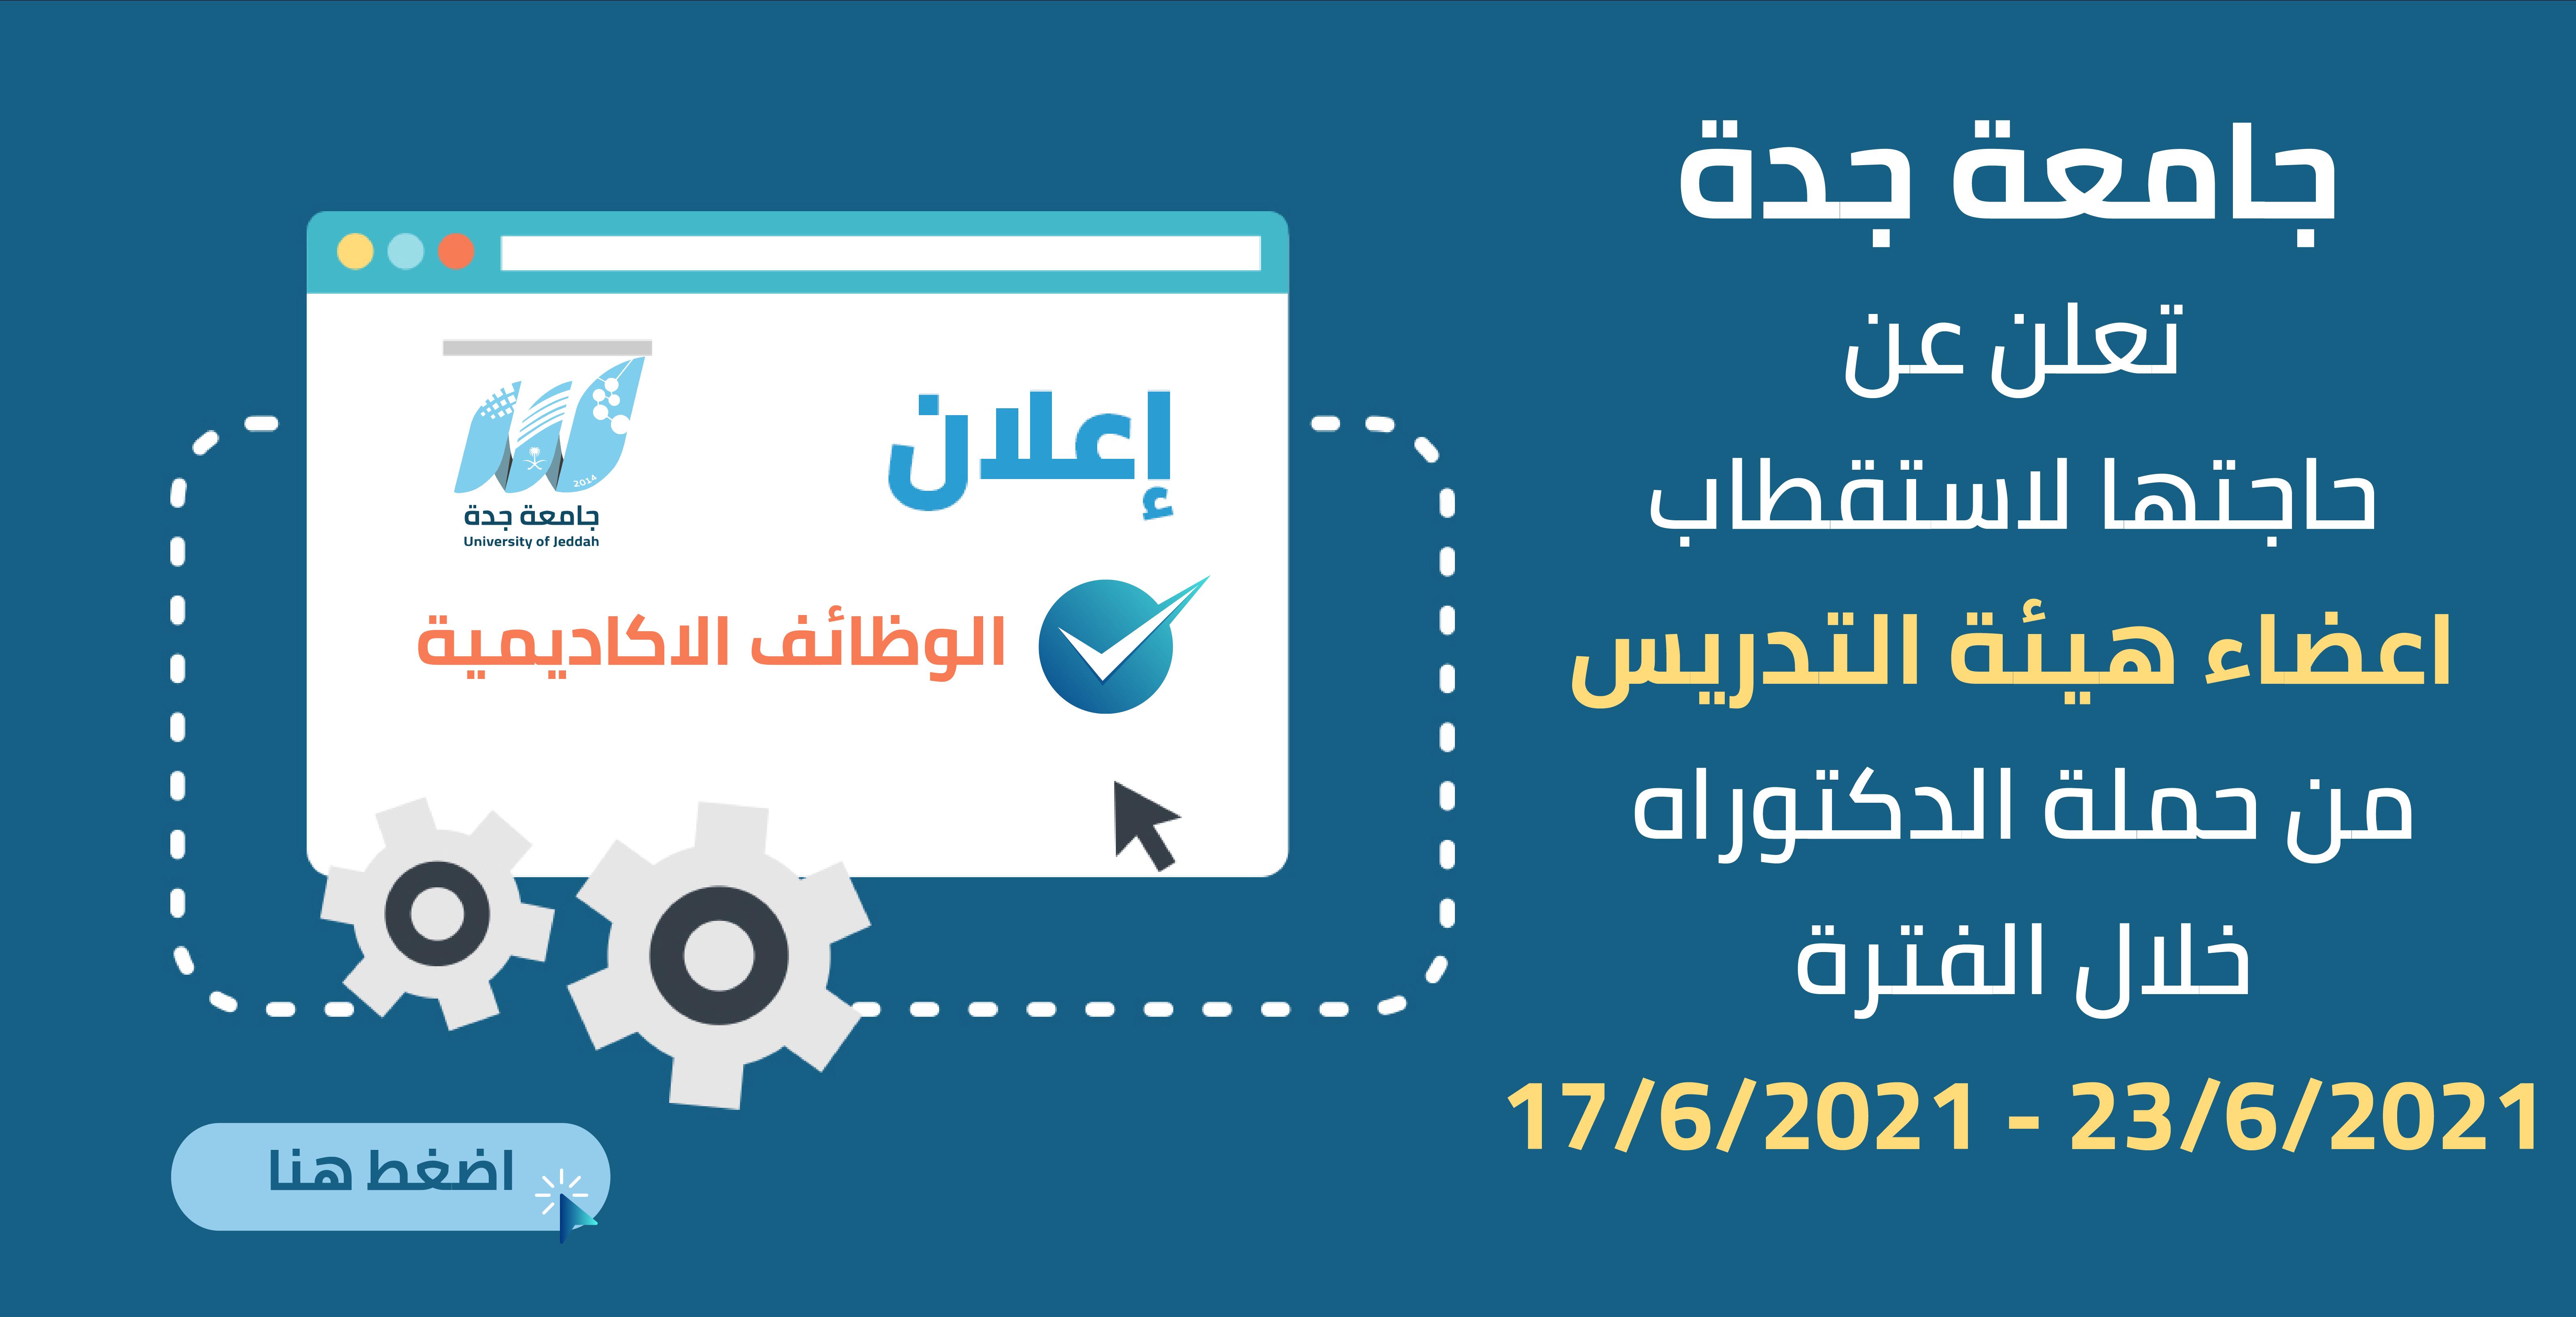 وظائف أكاديمية شاغرة للرجال والنساء في العديد من التخصصات لدى جامعة جدة 3